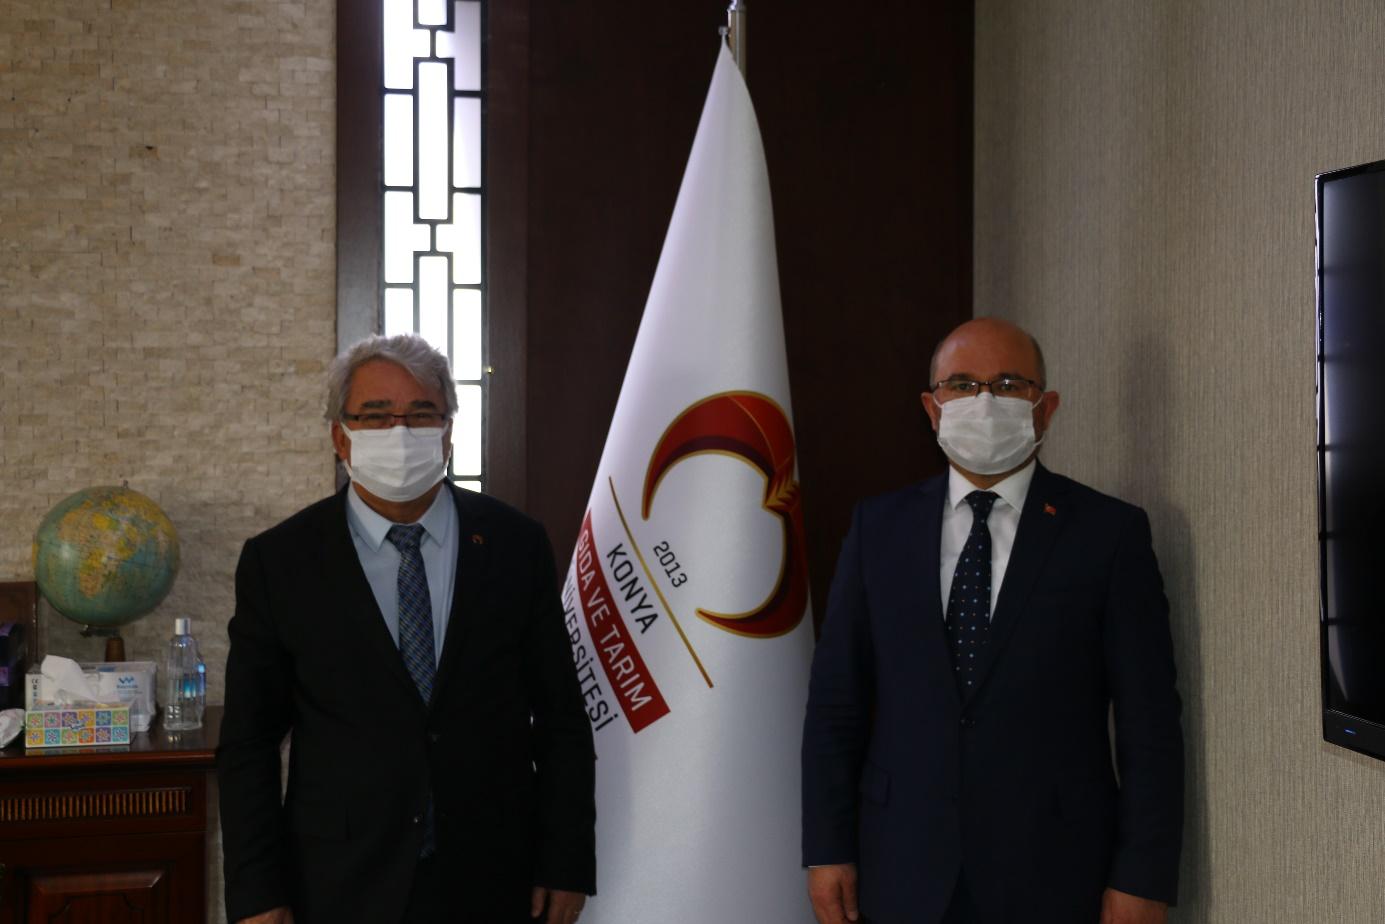 KOP Başkanı Mahmut Sami Şahin'den Rektörümüz Prof. Dr. Cumhur Çökmüş'e Ziyaret